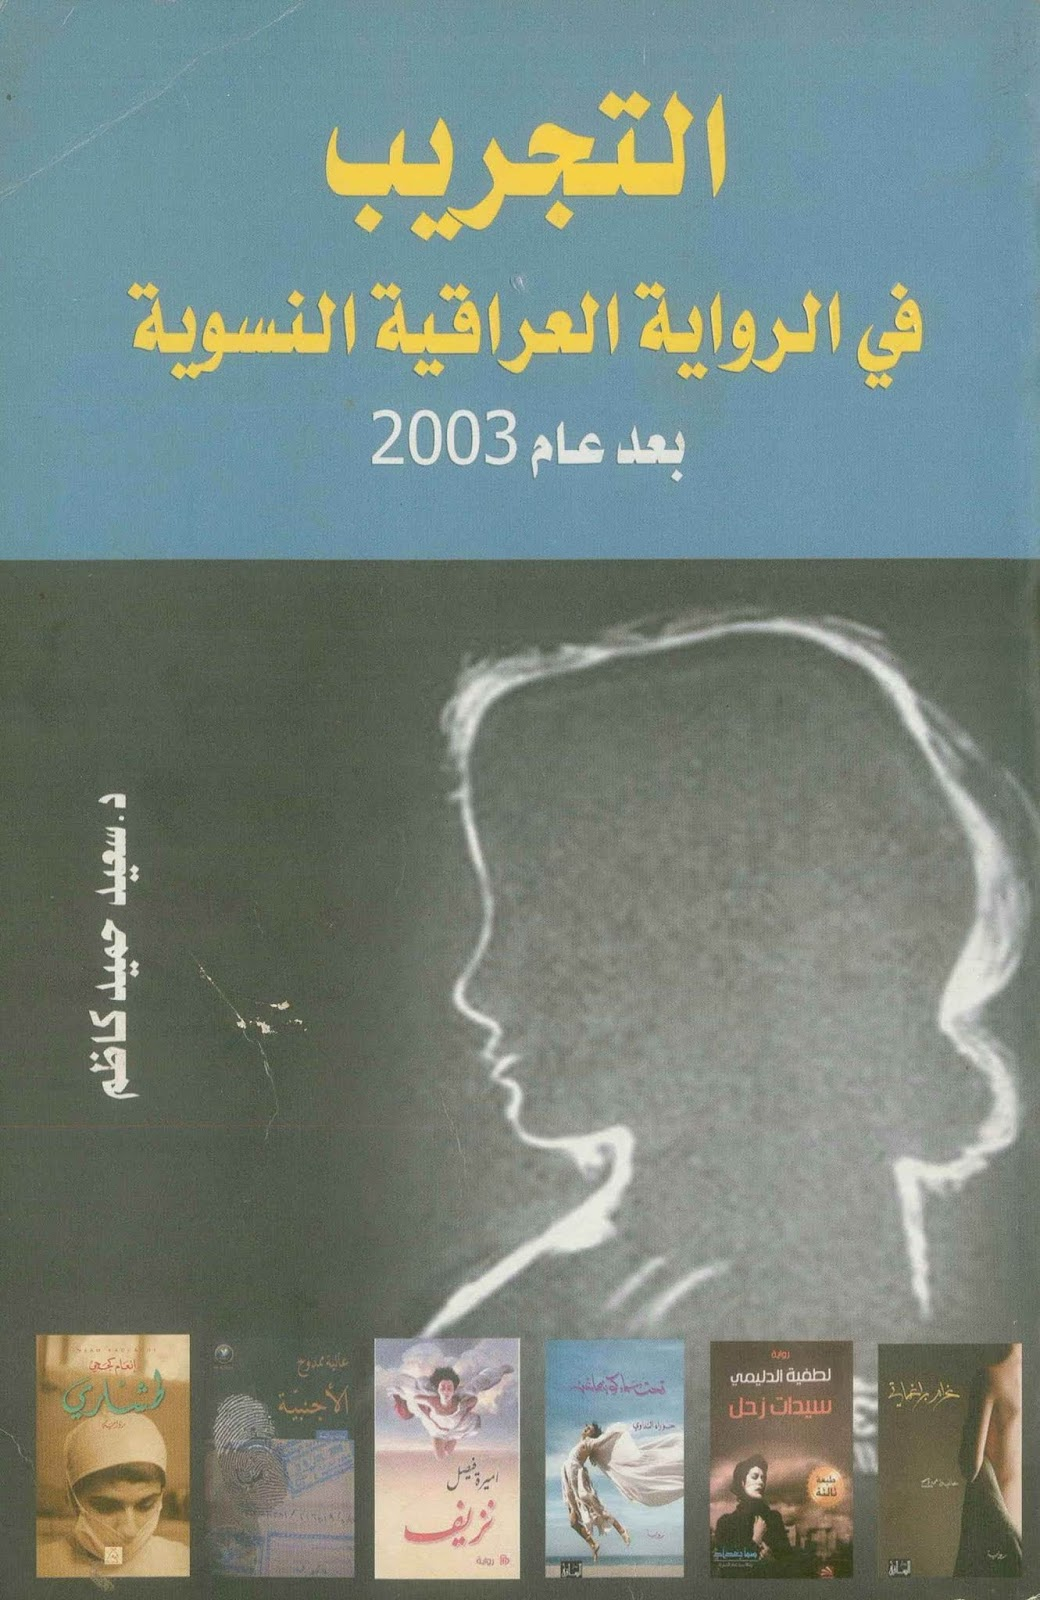 تحميل كتاب النسوية وما بعد النسوية